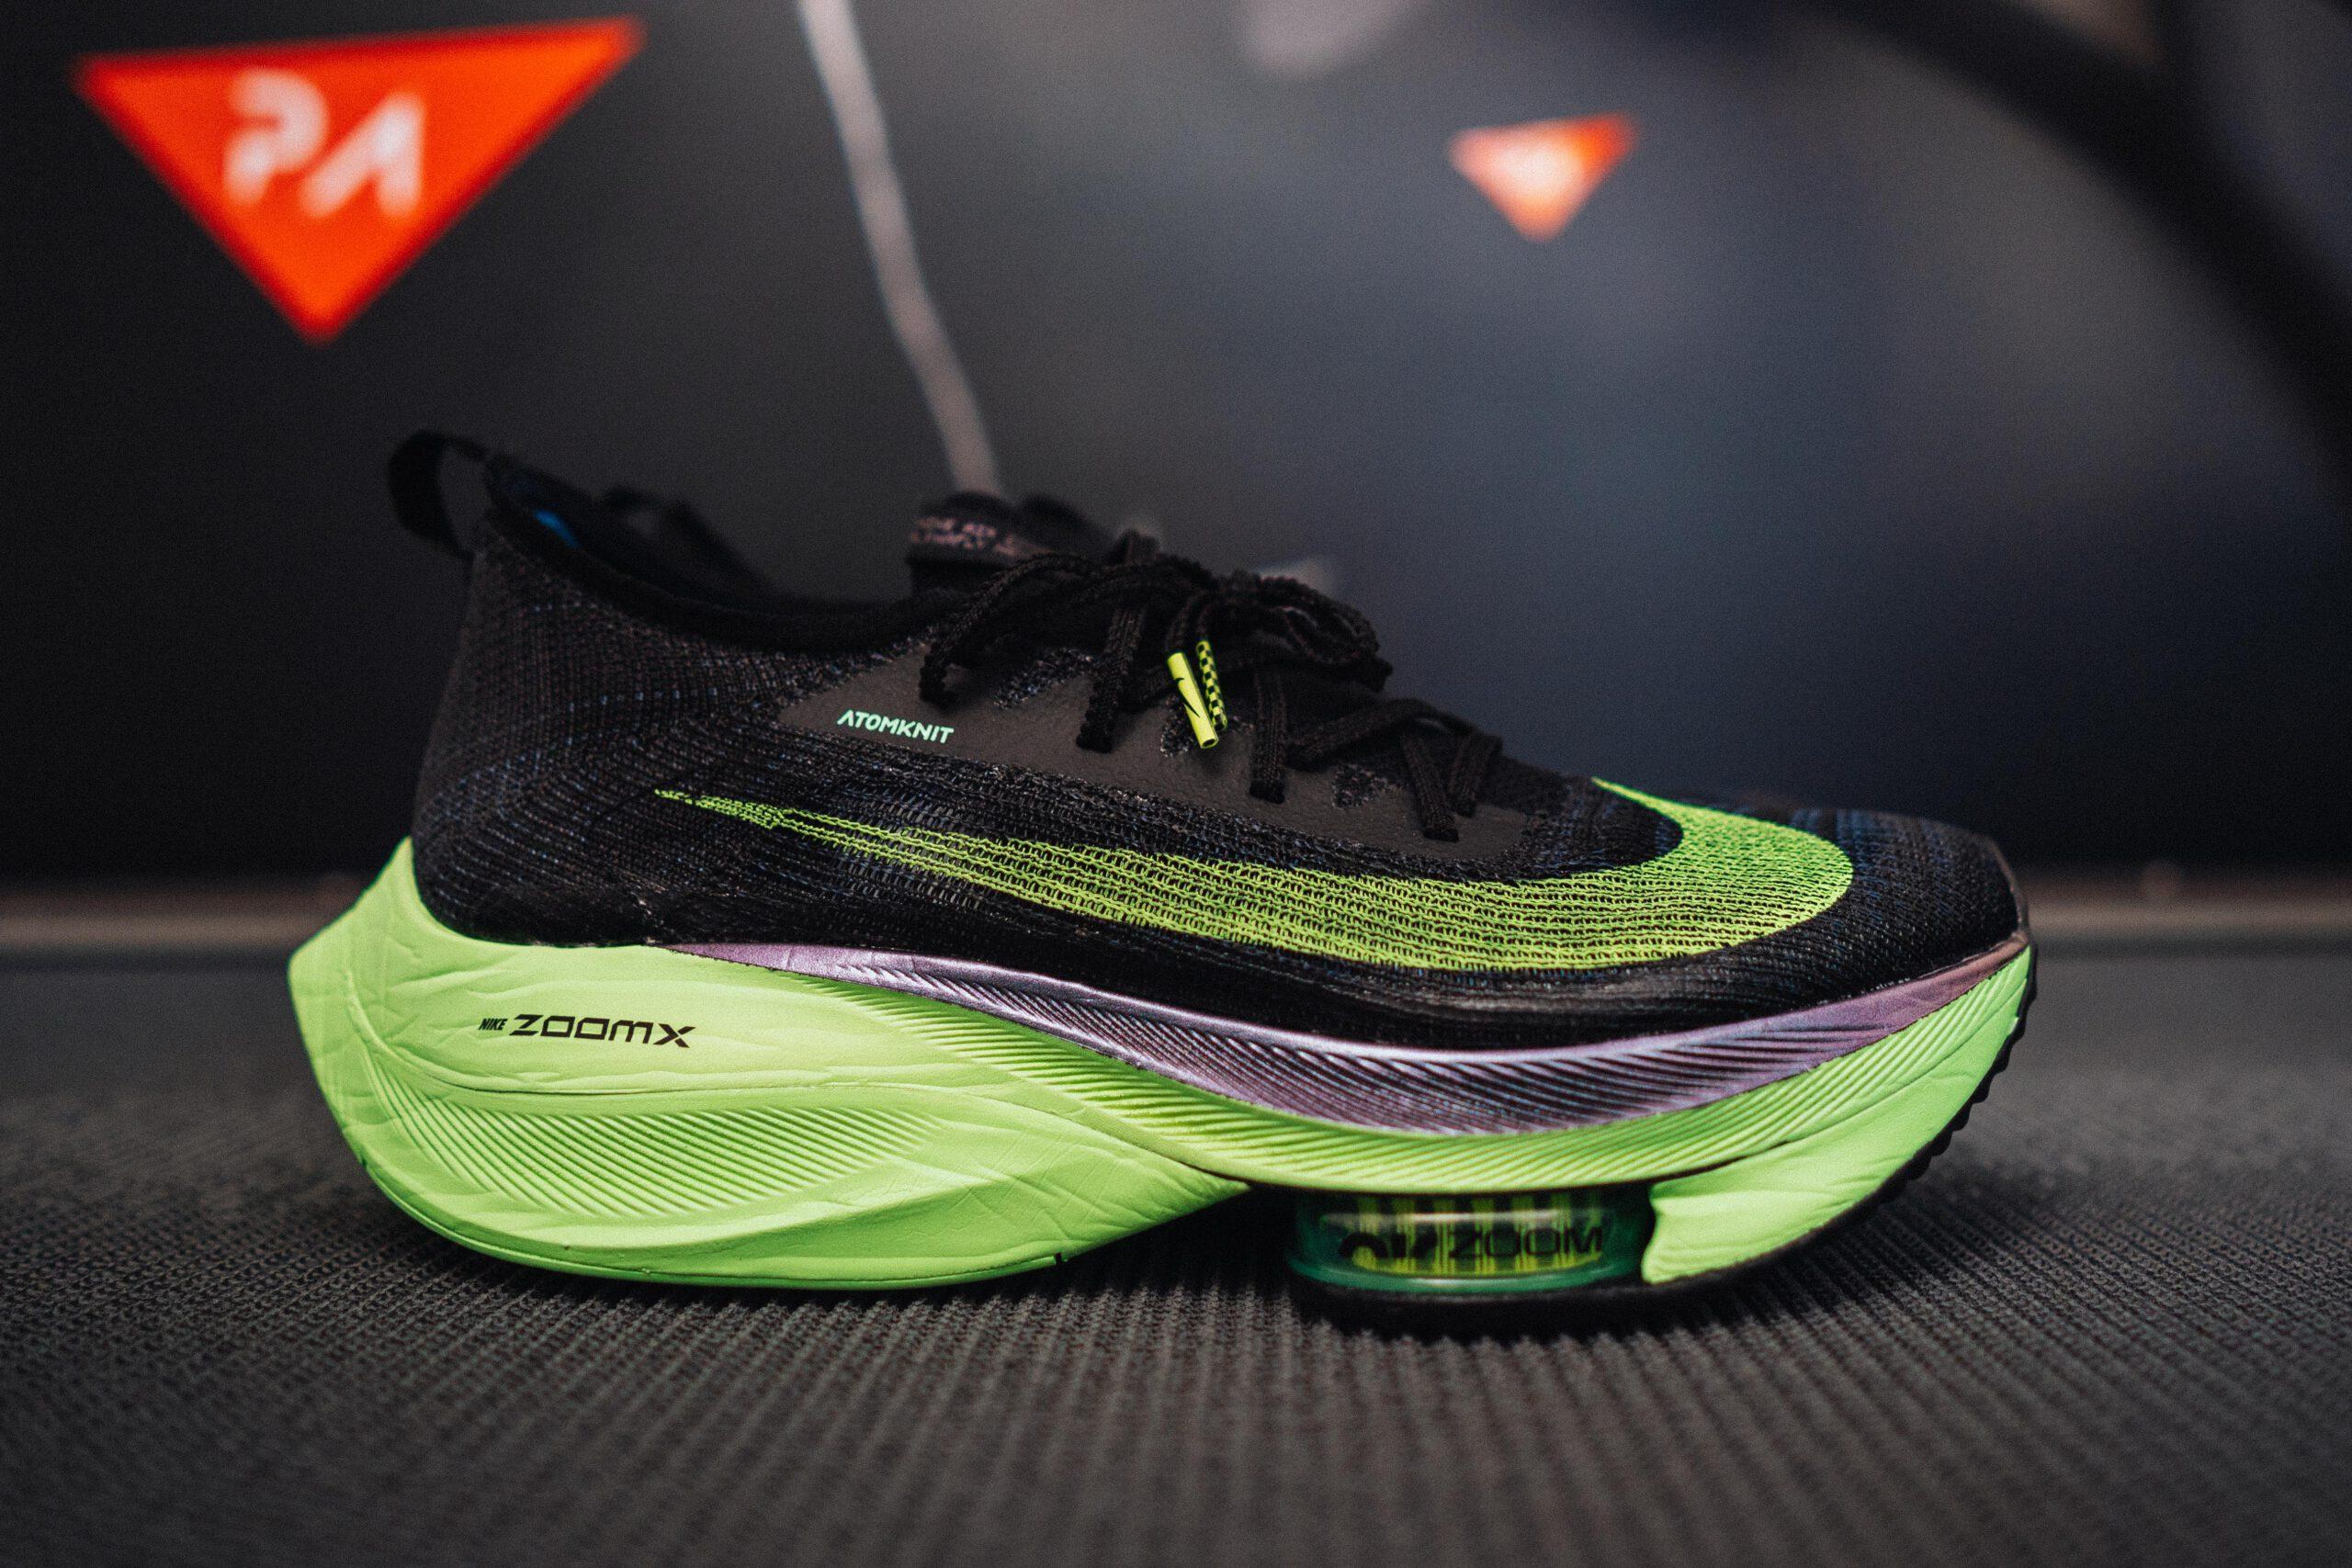 Nike Alphafly Next Percent Laufschuh Test